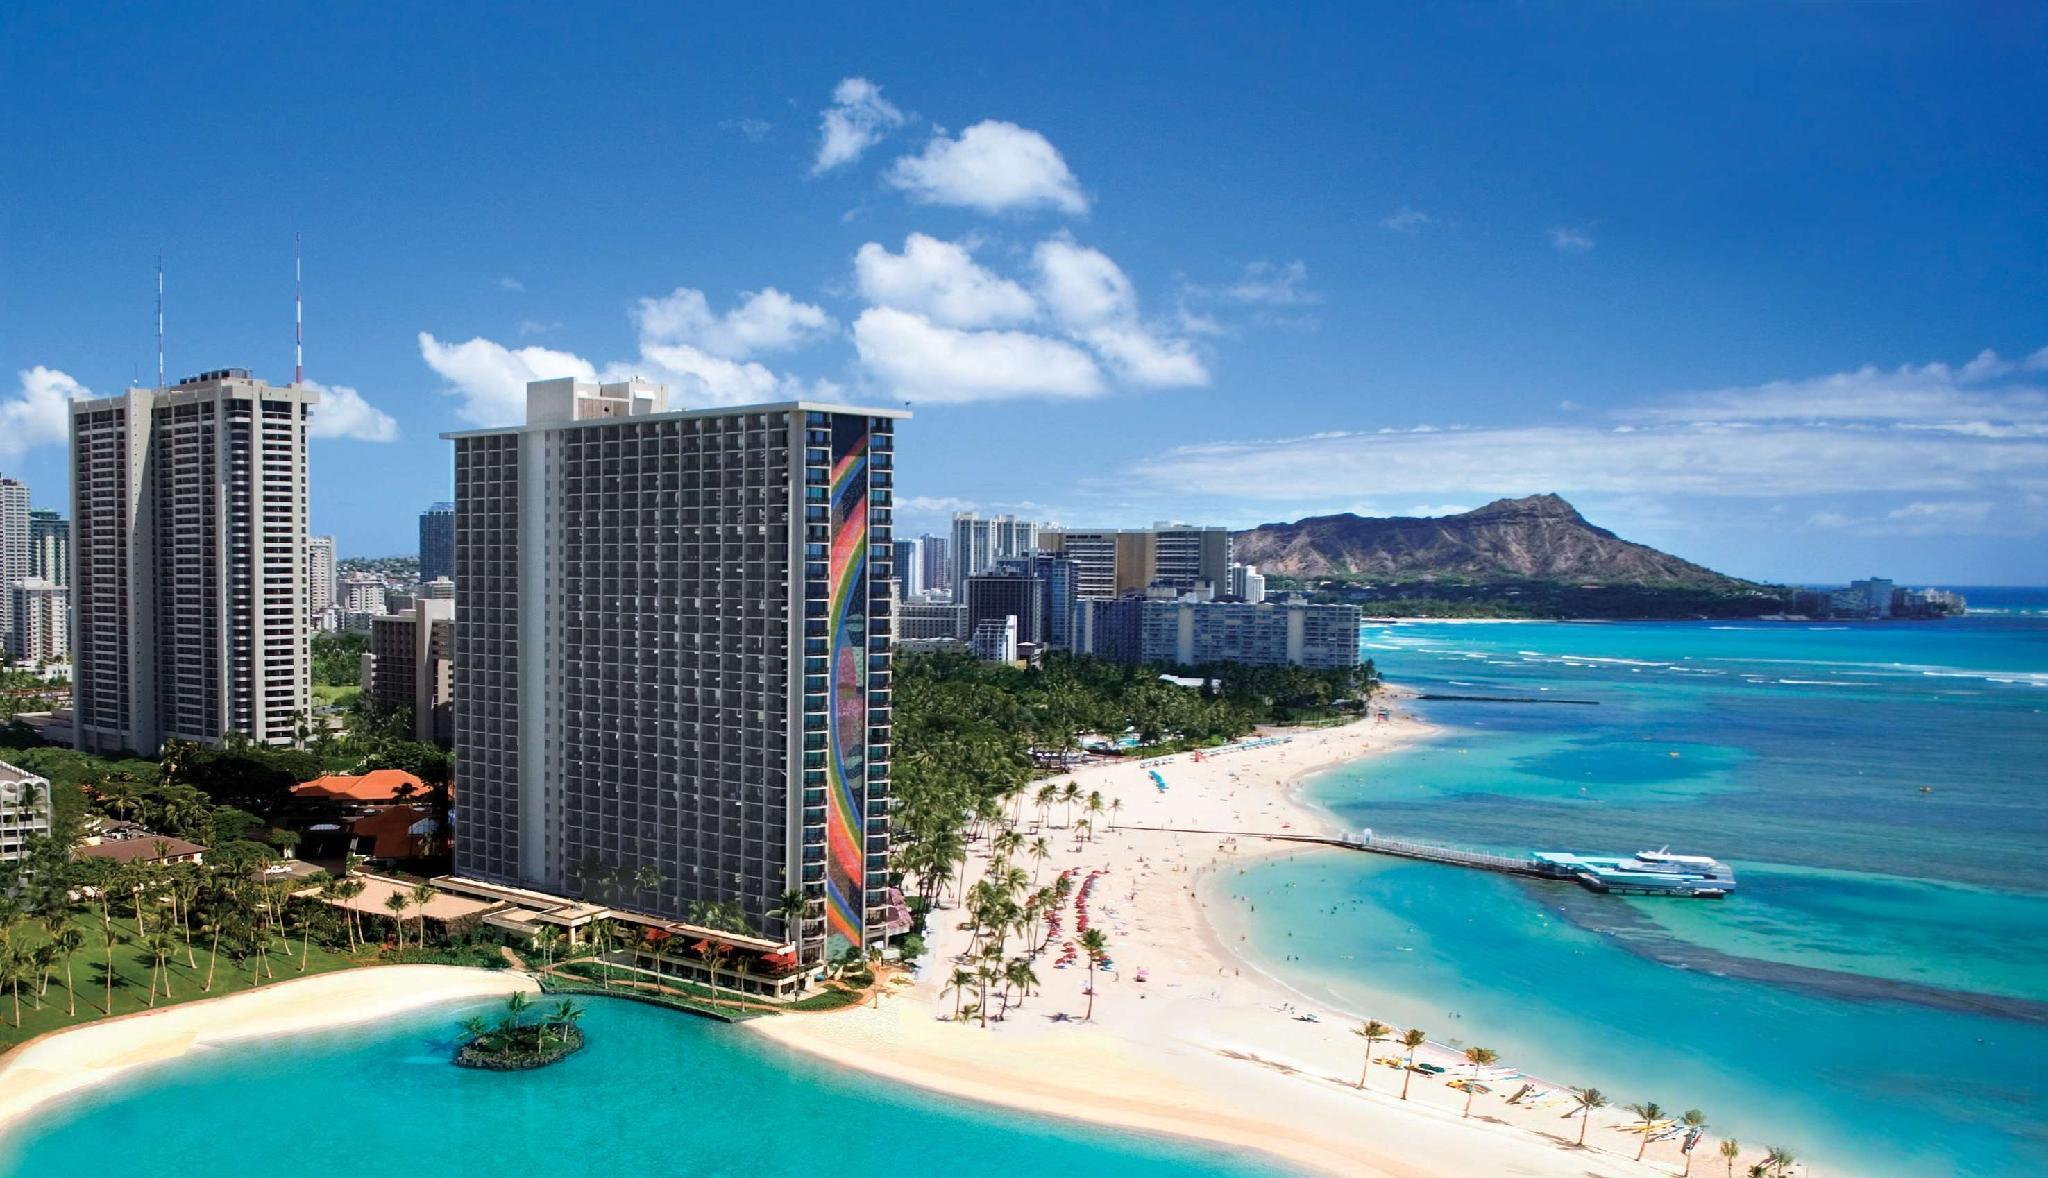 Hilton Hawaiian Village Waikiki Beach Resort image